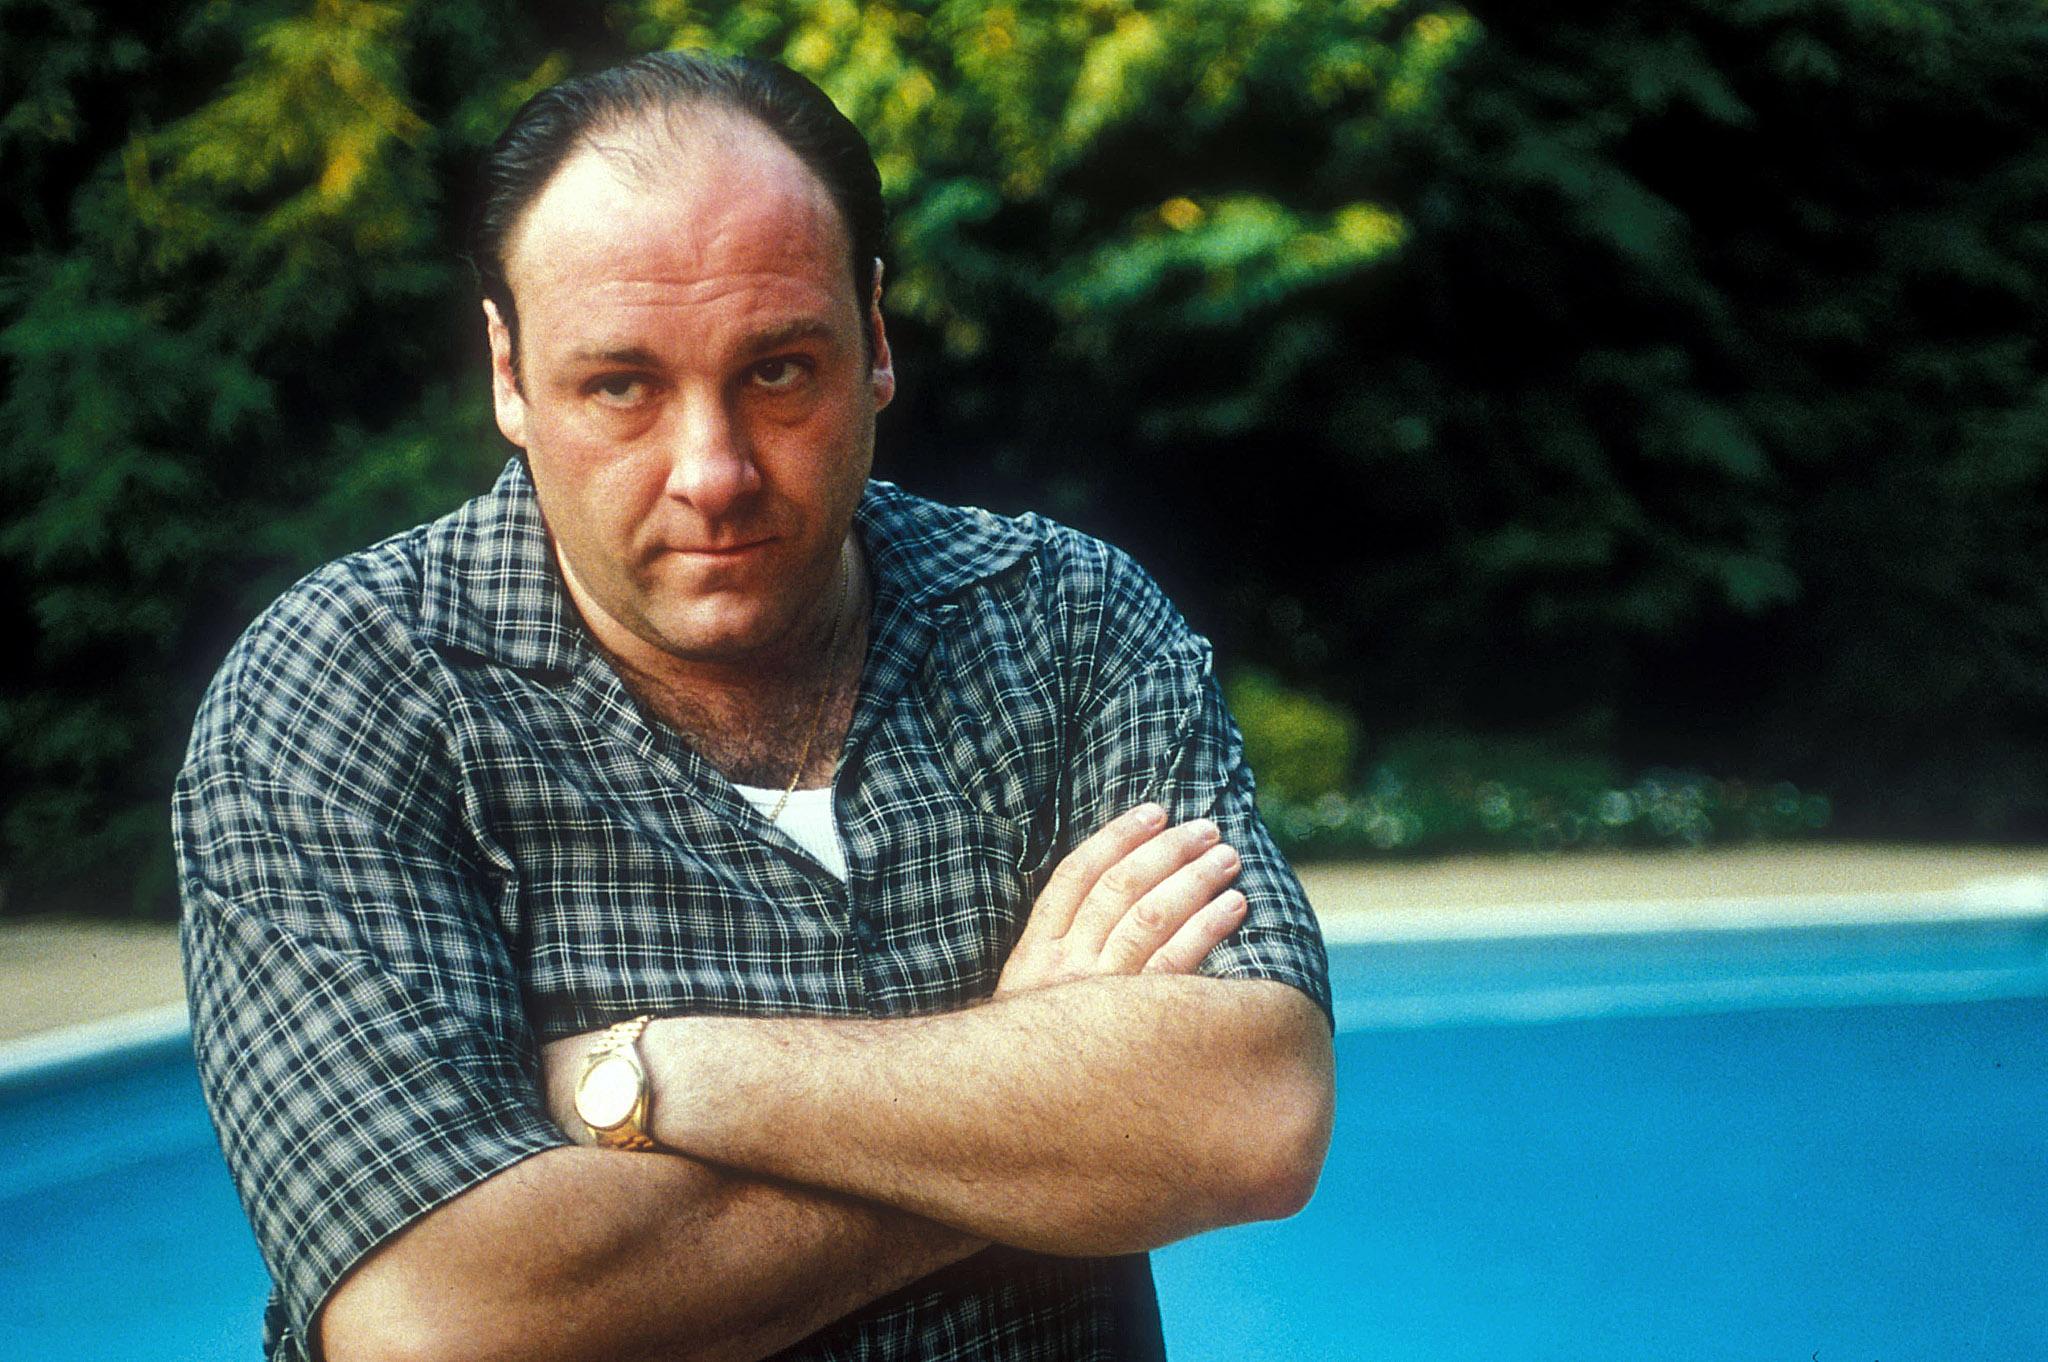 Tony Soprano as portrayed by the late great James Gandolfini